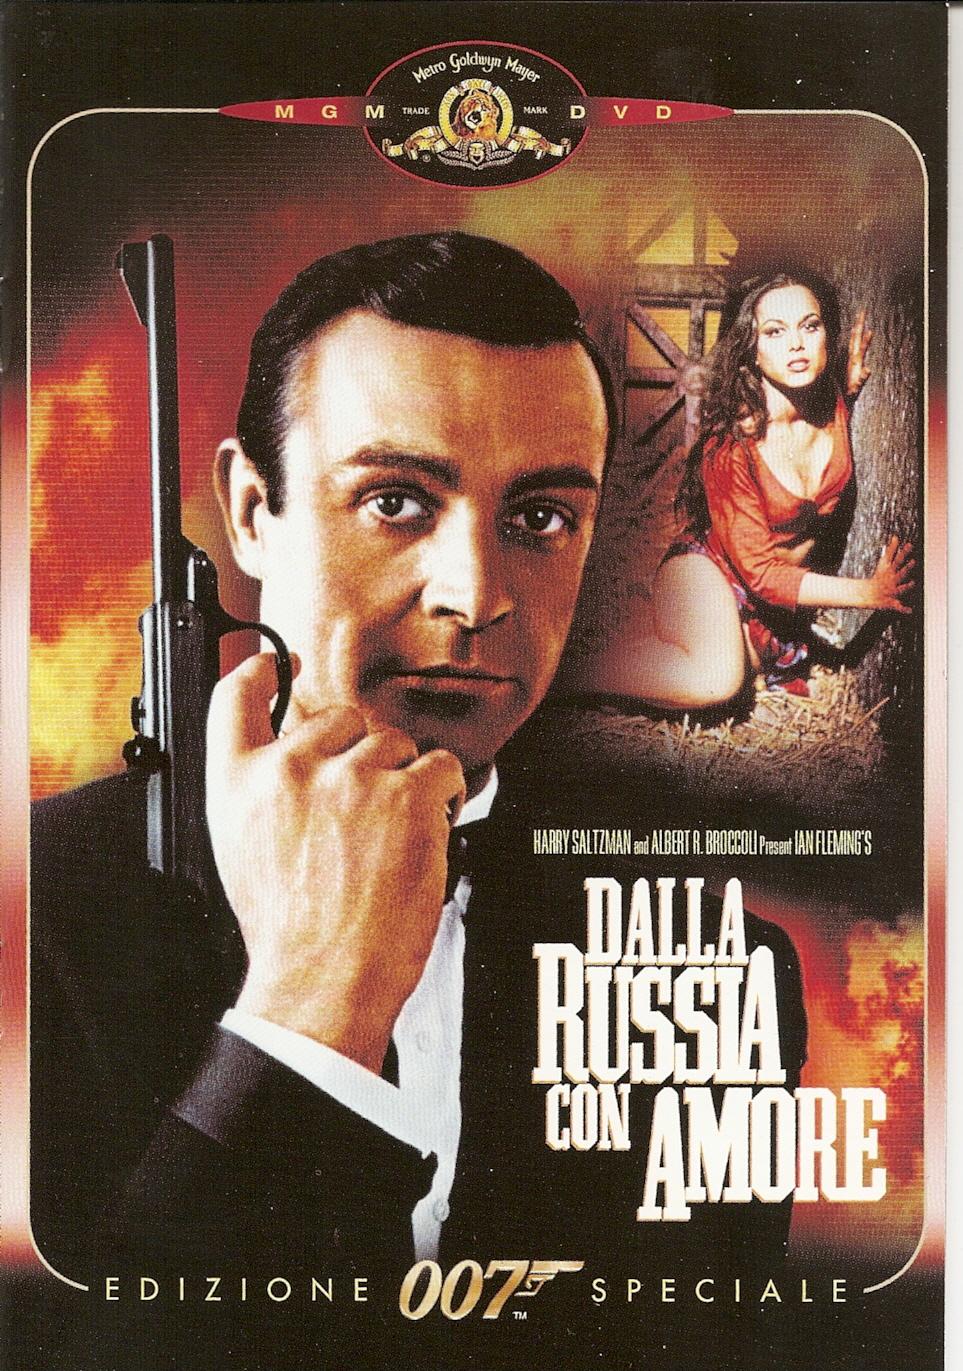 spy-cine-03-007-dalla-russia-con-amore.jpg